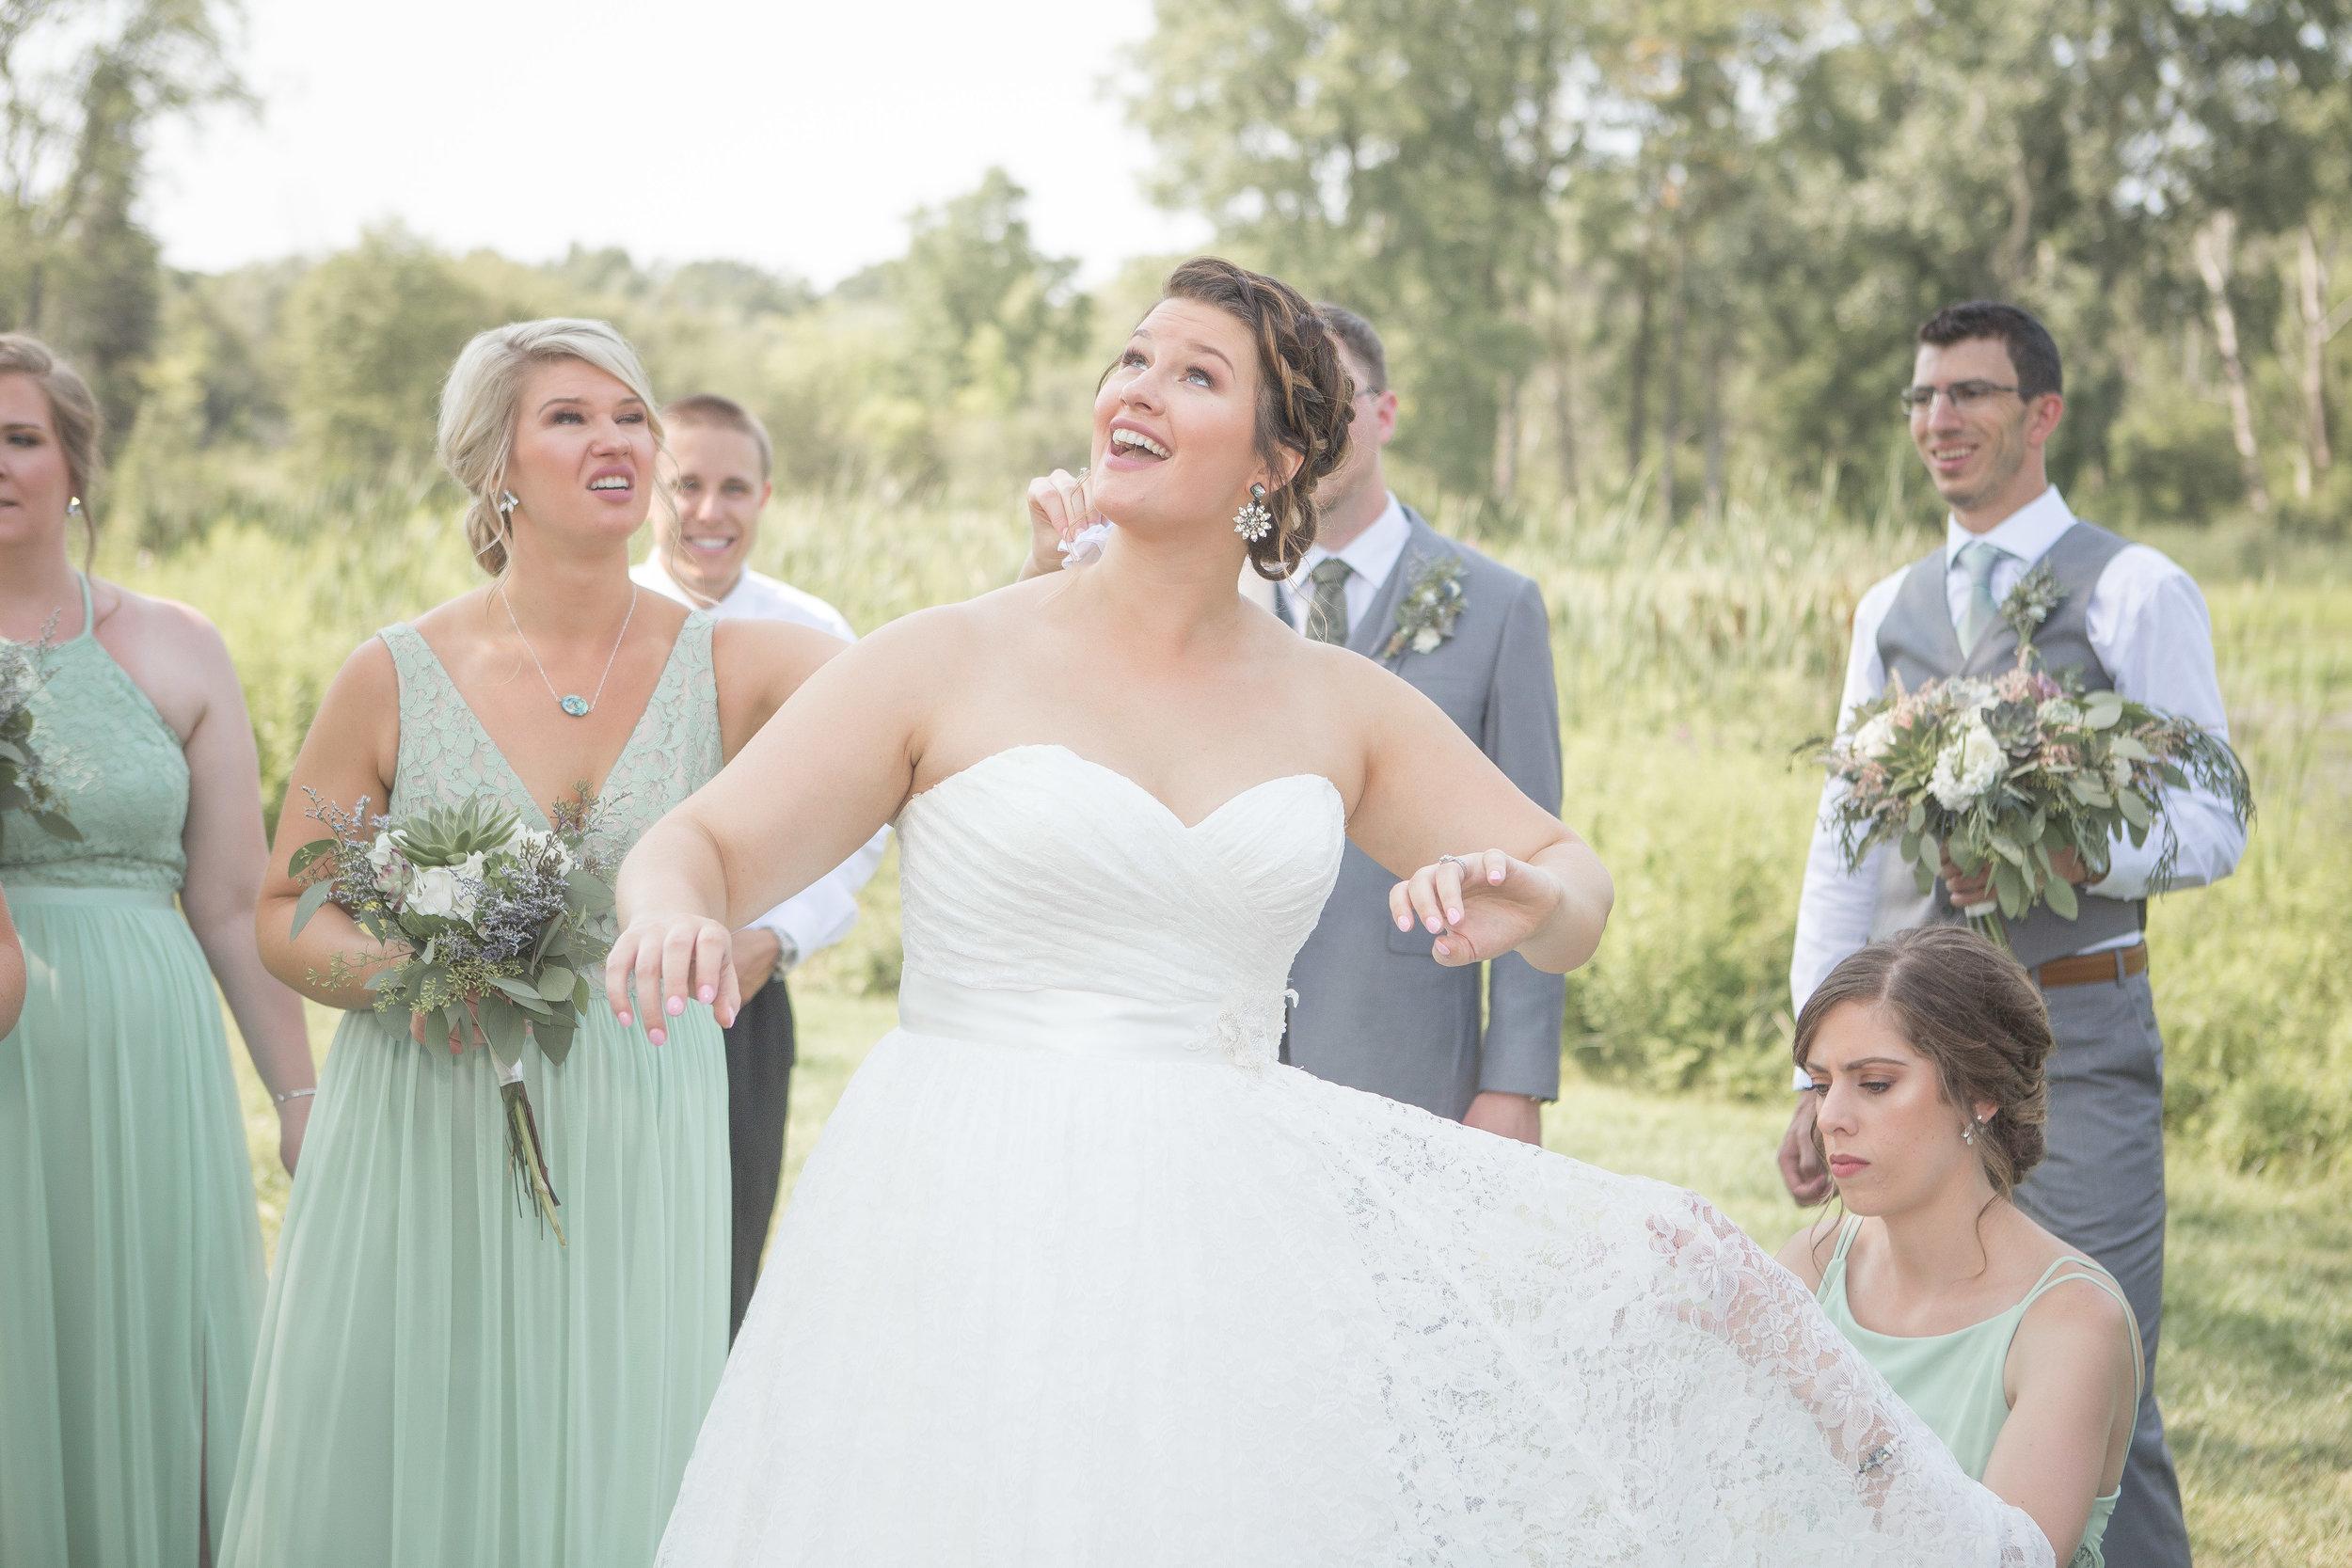 C_Wedding_Sarver, Alyssa & Scott_FOR BLOG-122.JPG